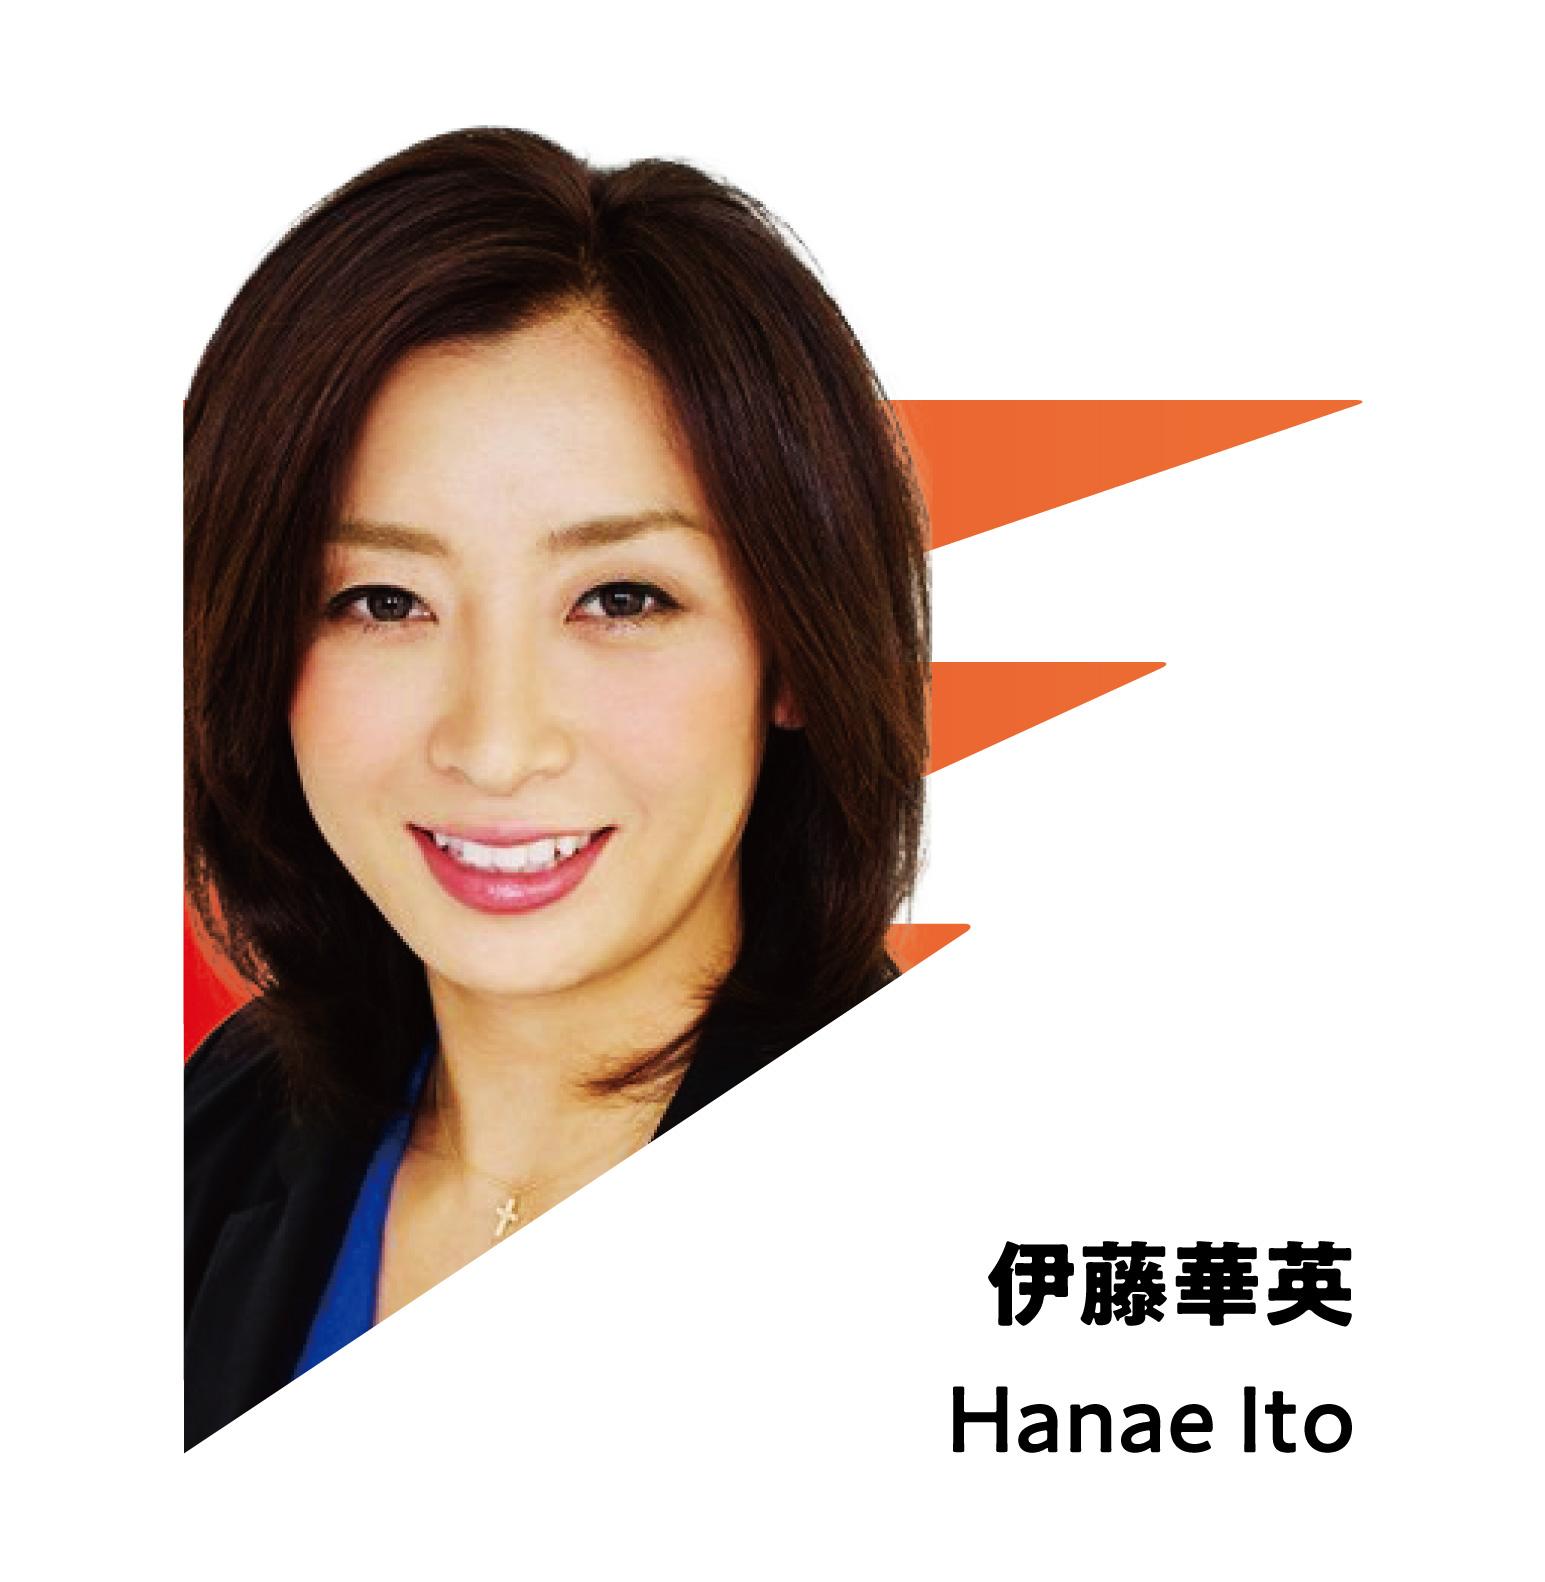 HANAE ITO